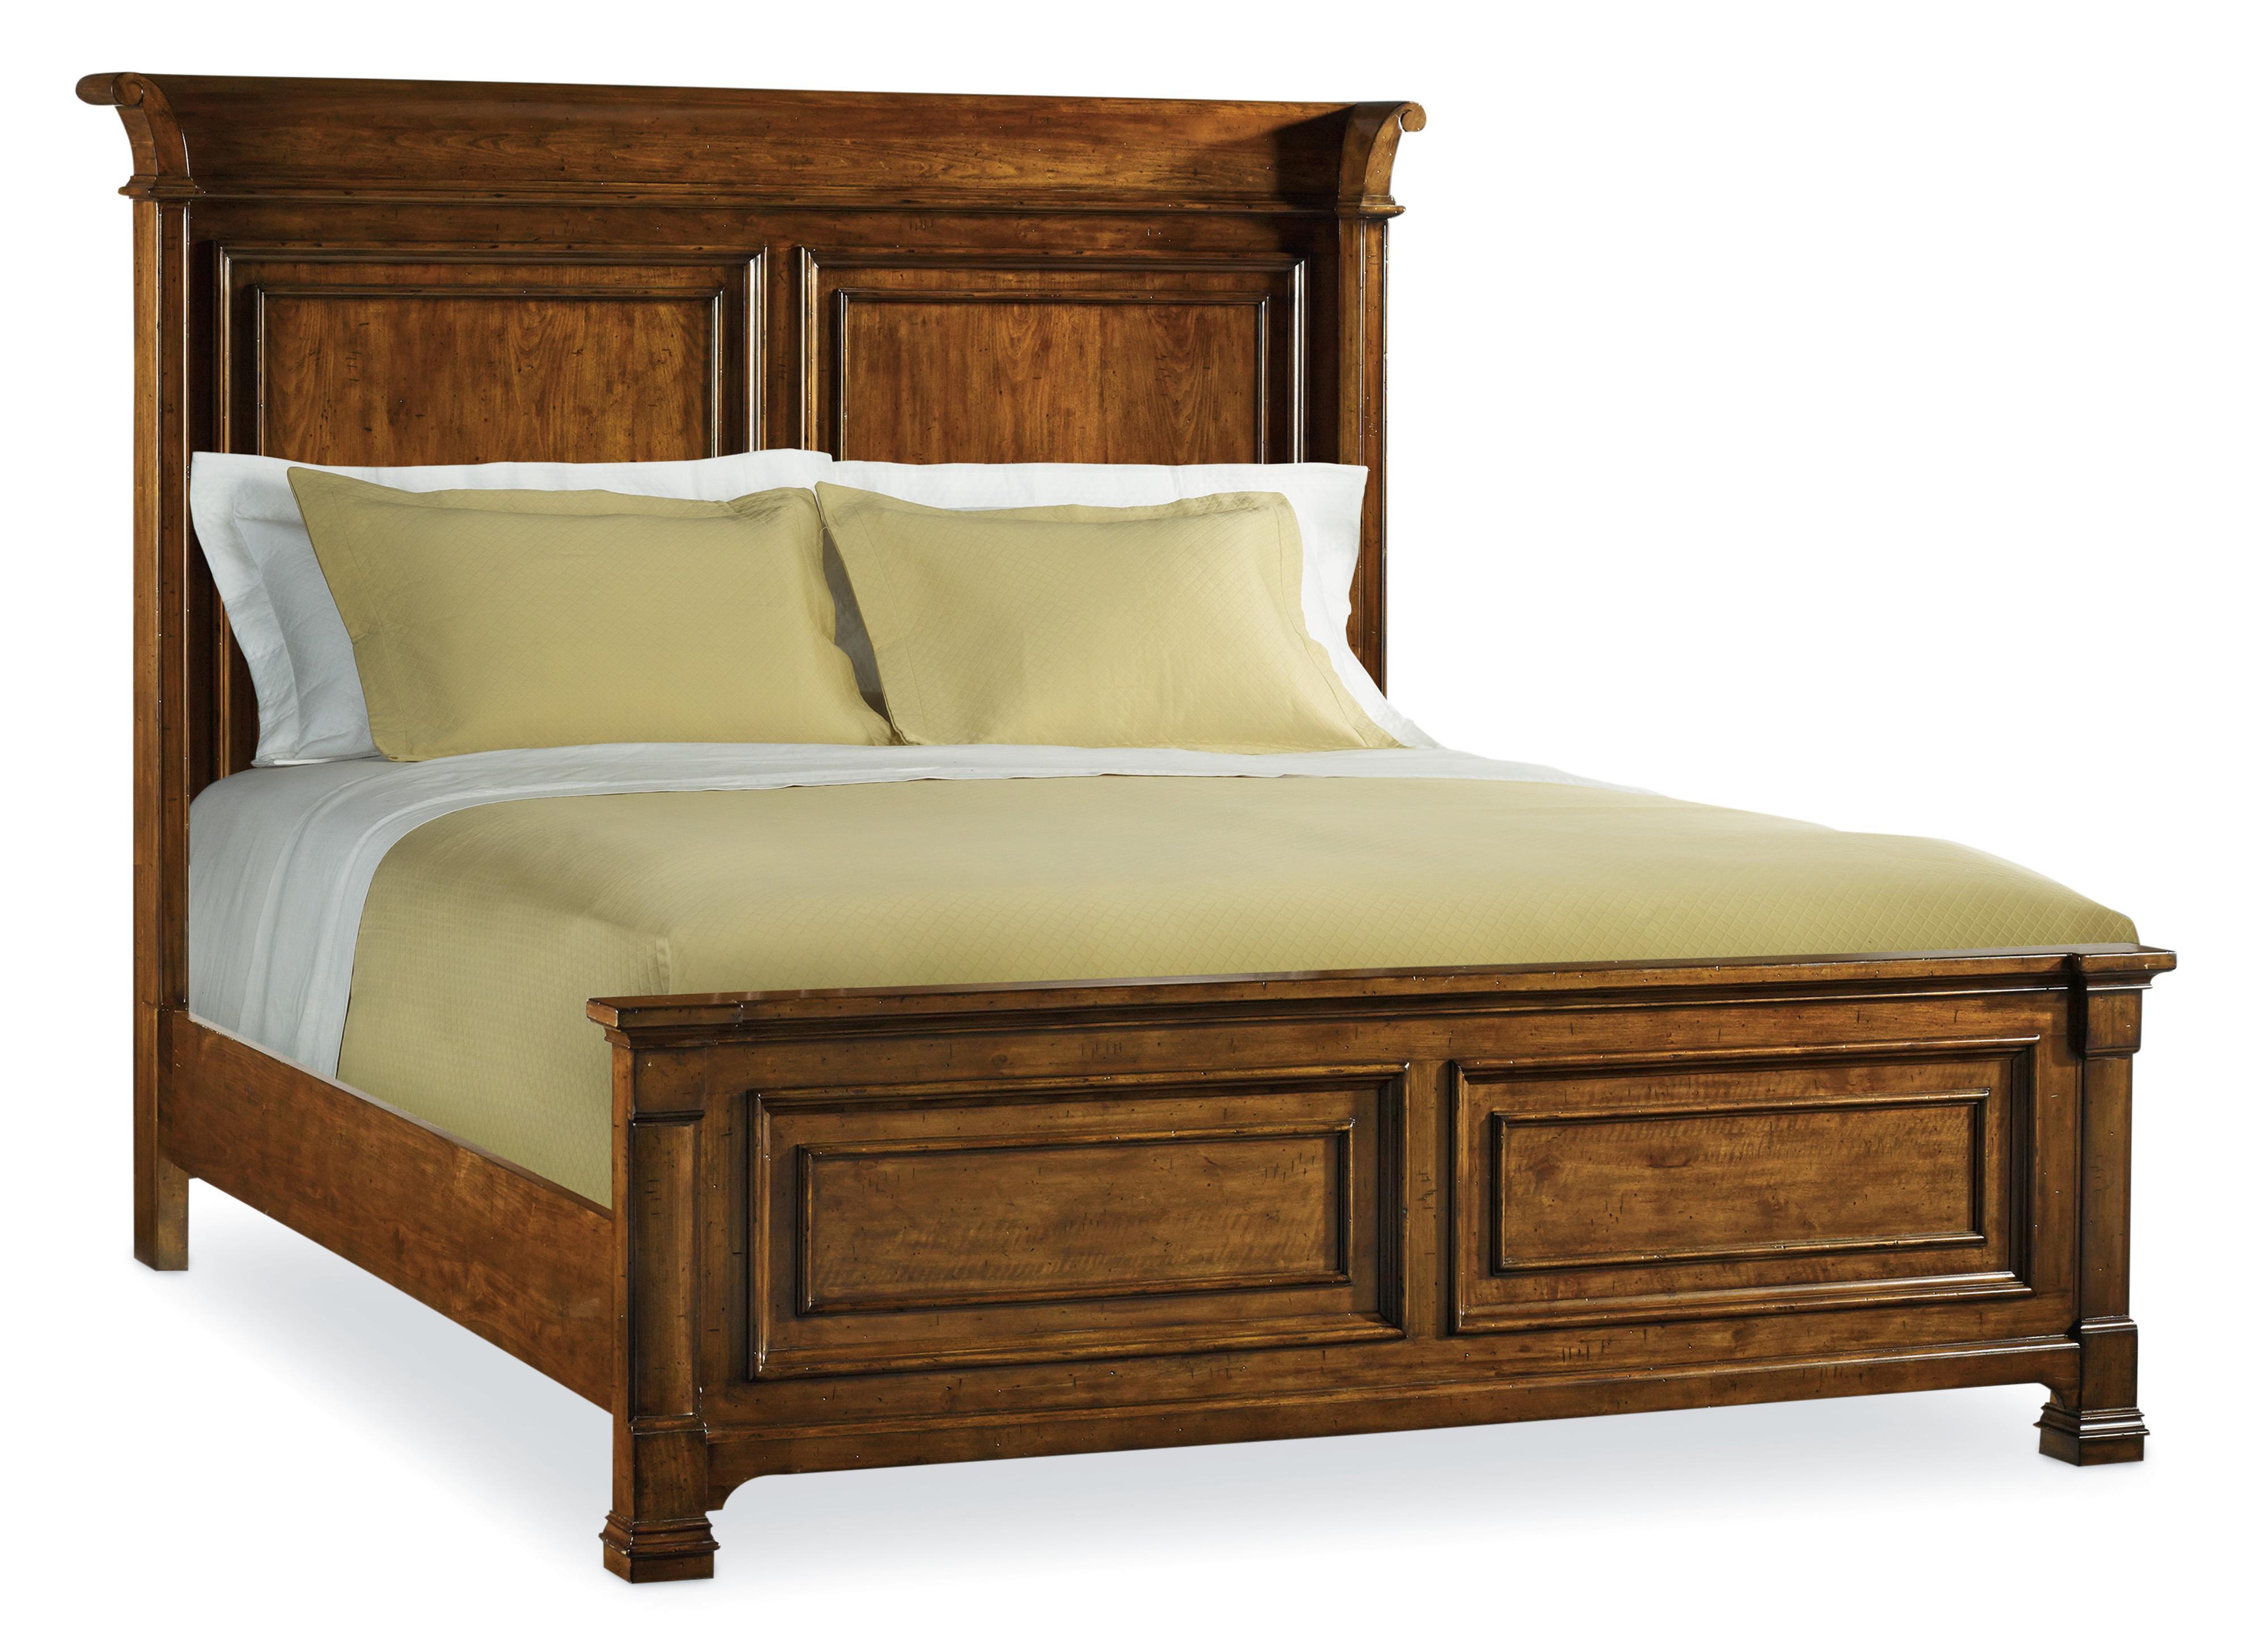 Hooker Furniture Tynecastle King Panel Bed - Item Number: 5323-90266